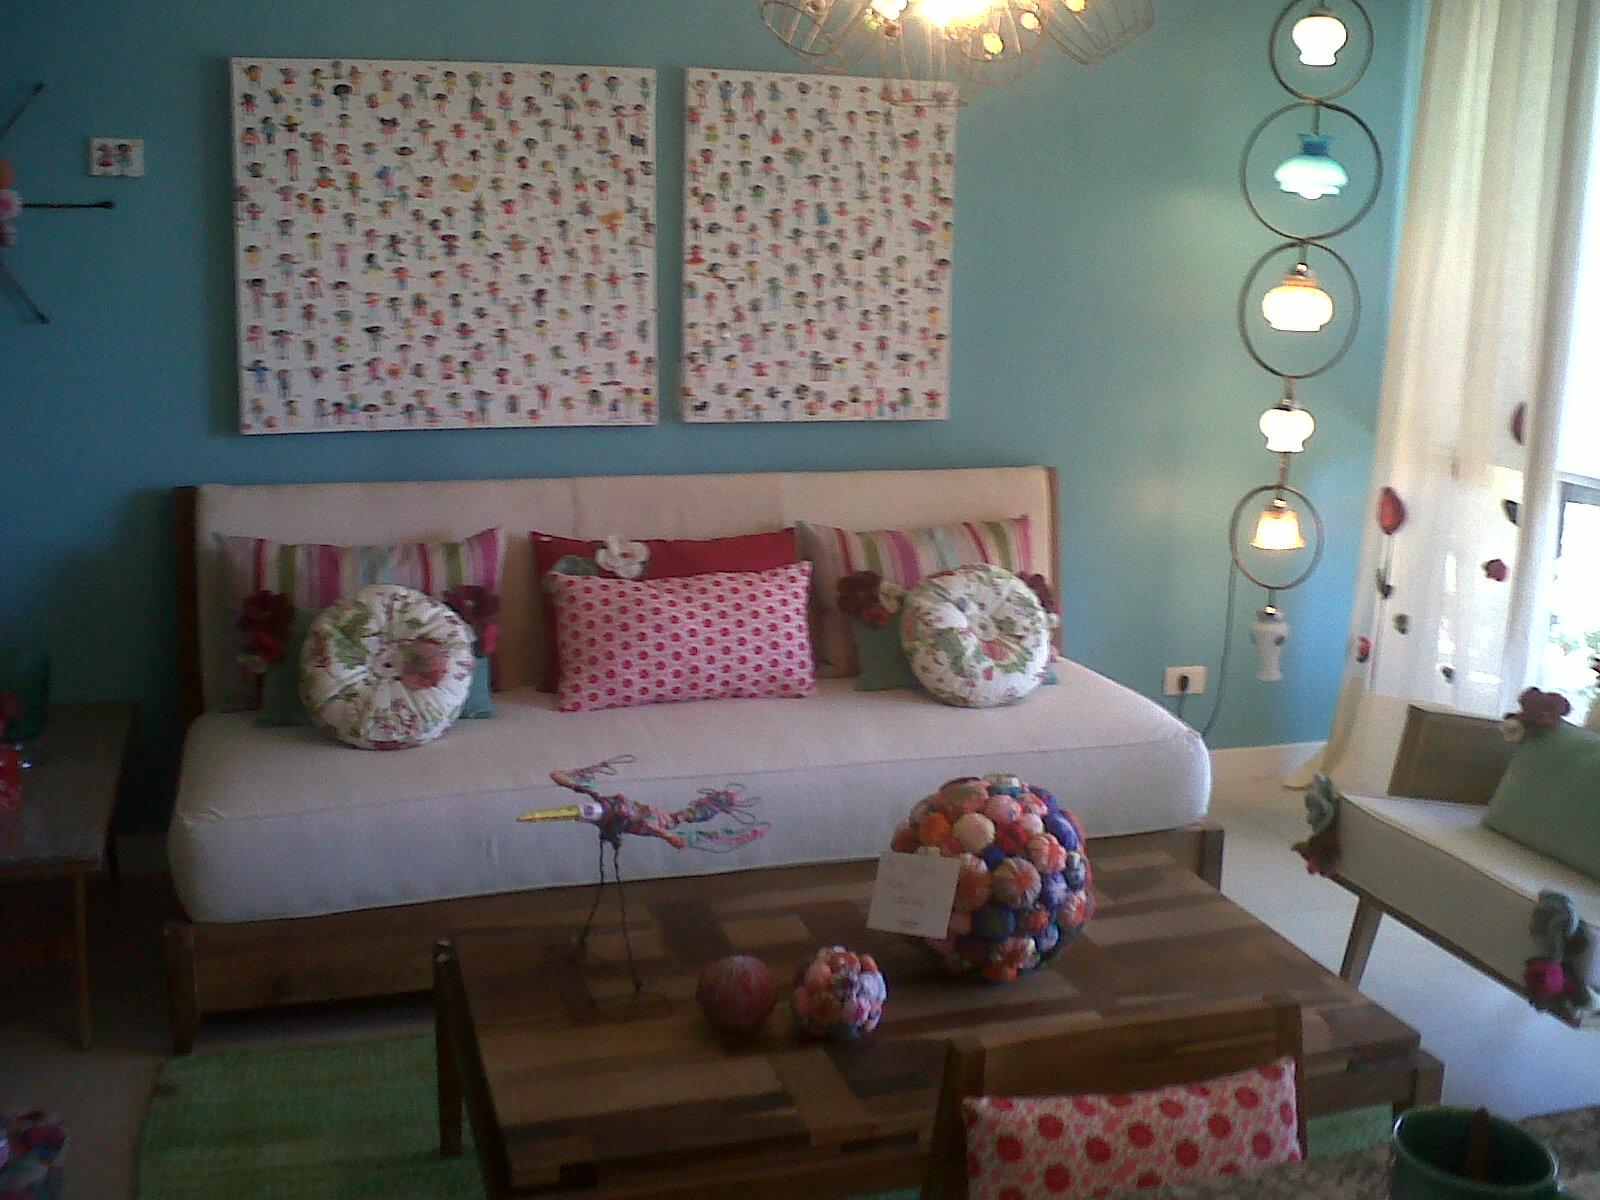 Caro dec caro dec visita estilo pilar for Decoracion living departamento 2 ambientes